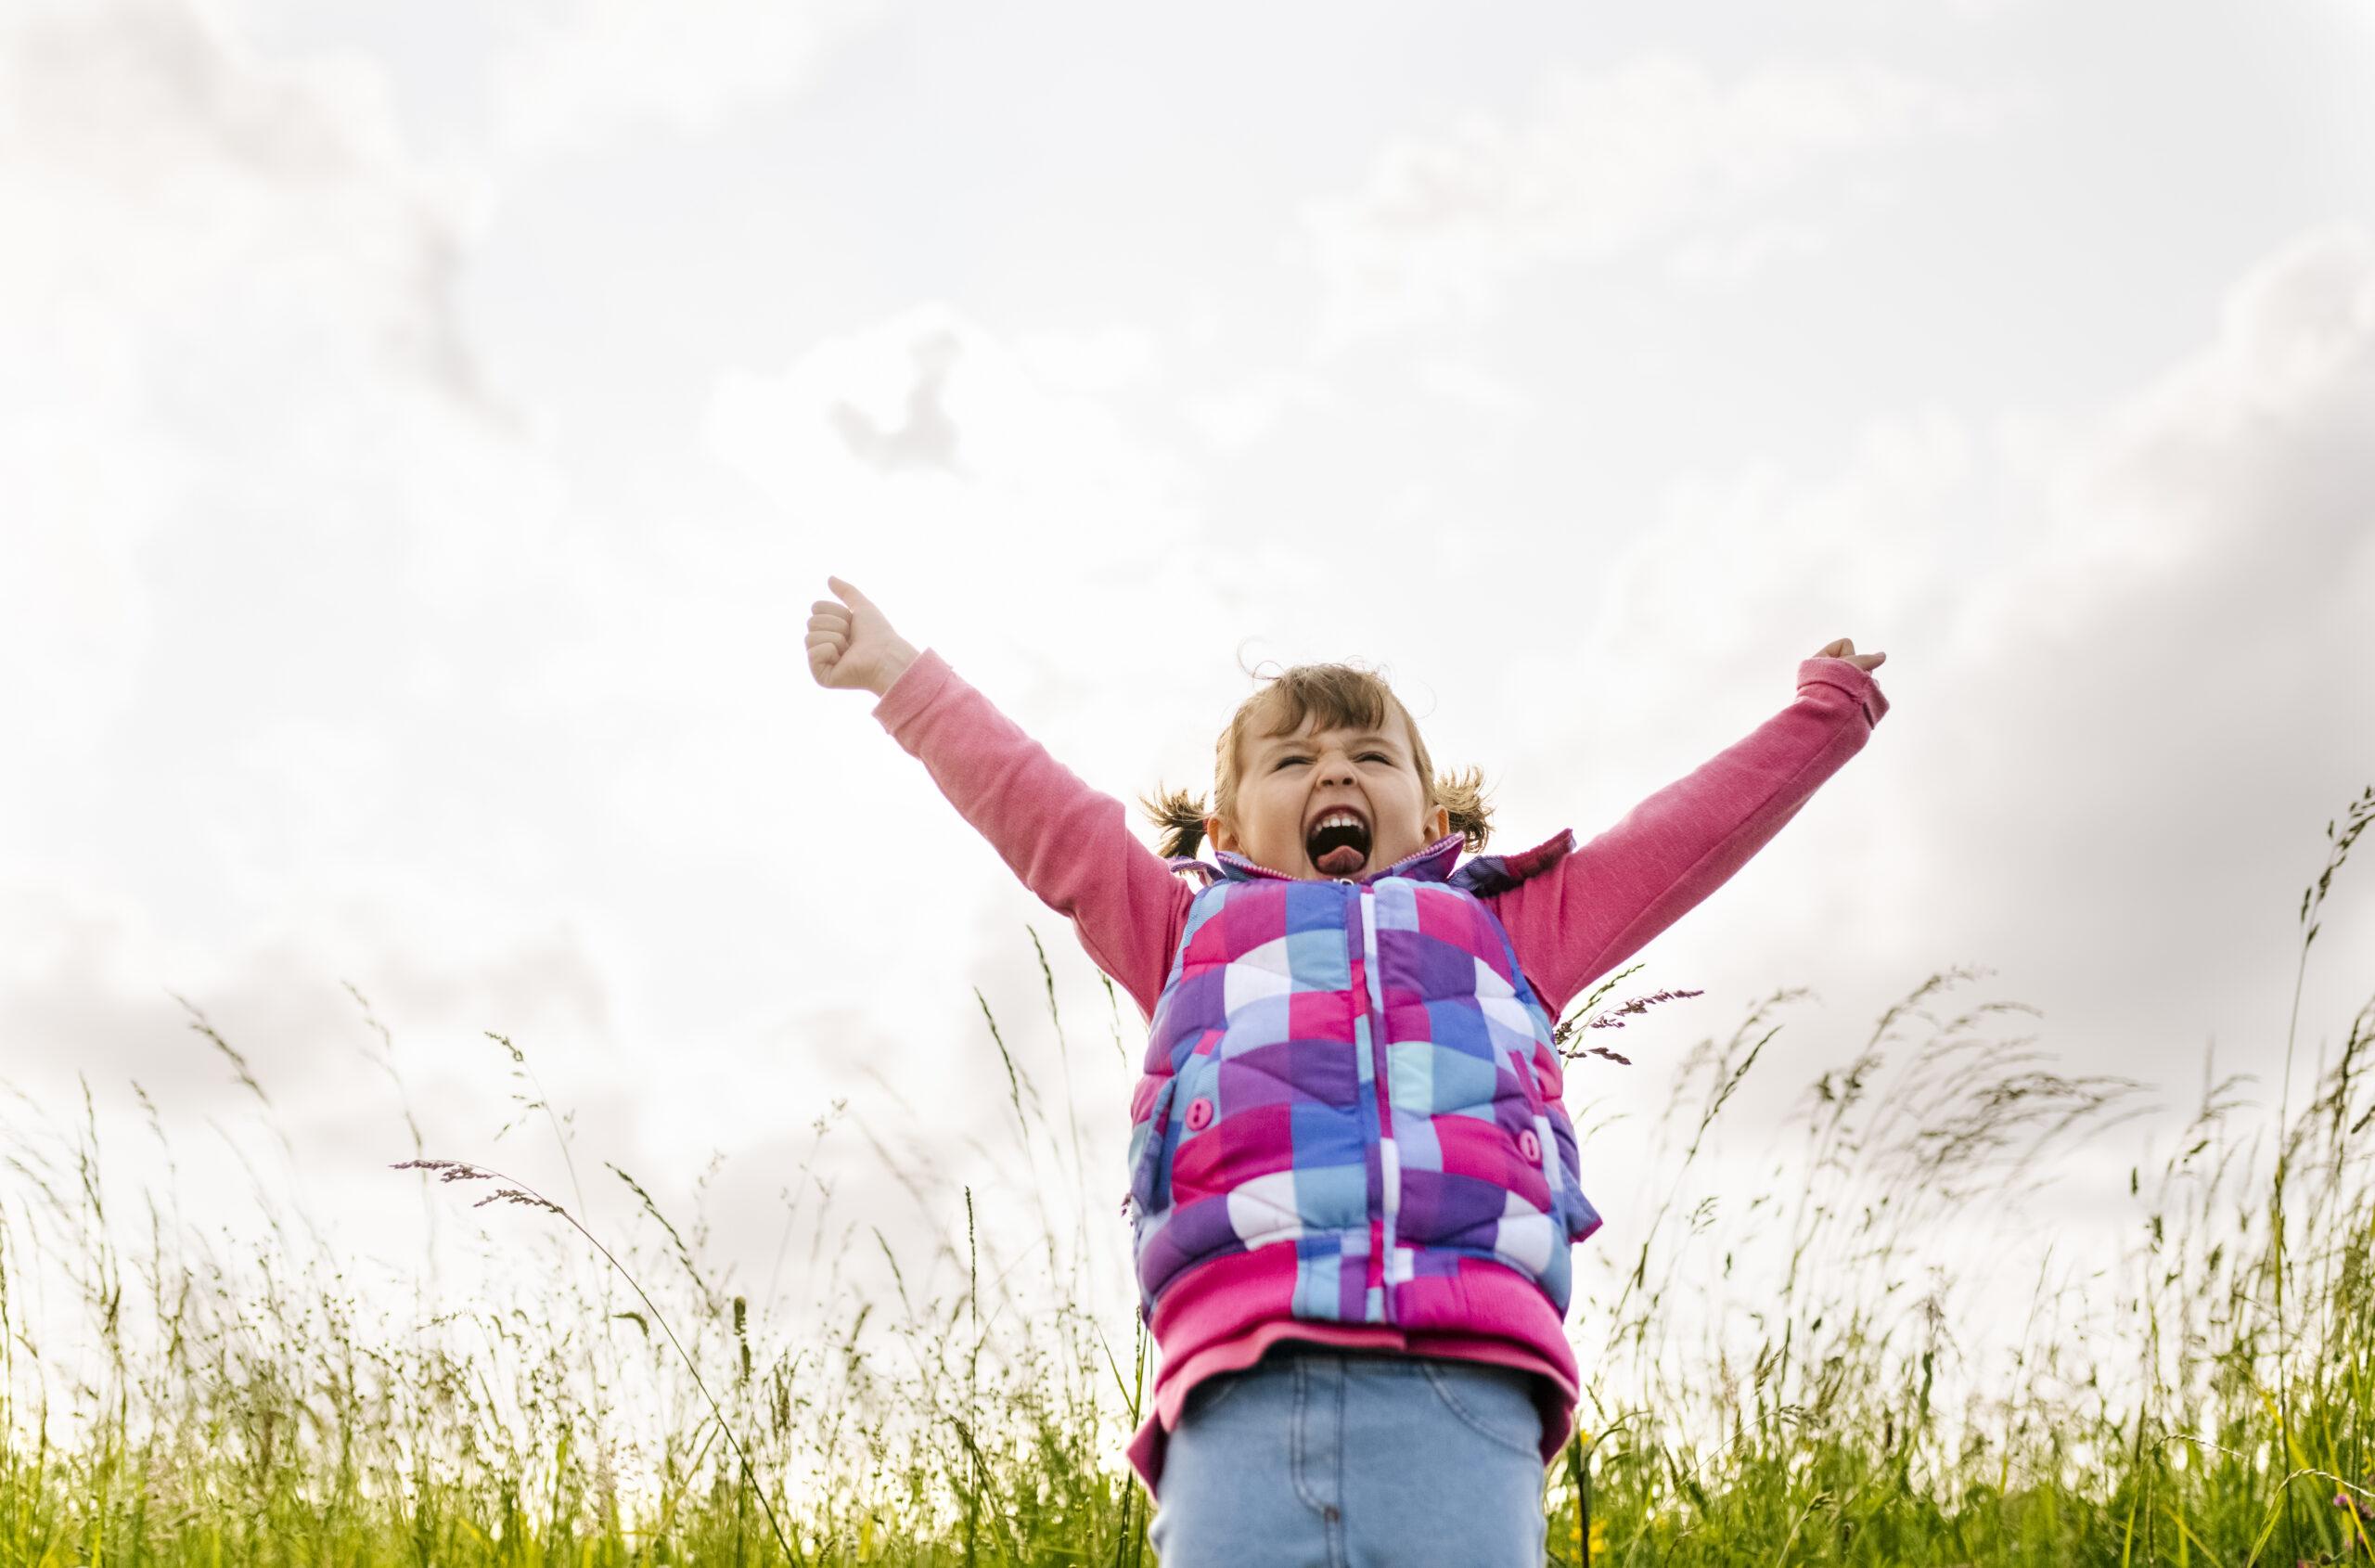 skrikande, flicka, människor, barn, lycka, stående, natur, vinnare, glädje, innehåll, landsbygd, frihet, näve, gräs, himmel, moln, utomhus, framifrån, porträtt, dag, söt, höja armarna , gråt av glädje, grumligt, avslappnad kläder, tre fjärdedelar, ensamhet, självförtroende, lugn, seger, kärlek till naturen, barndom, landsbygdsscen, högljudd.